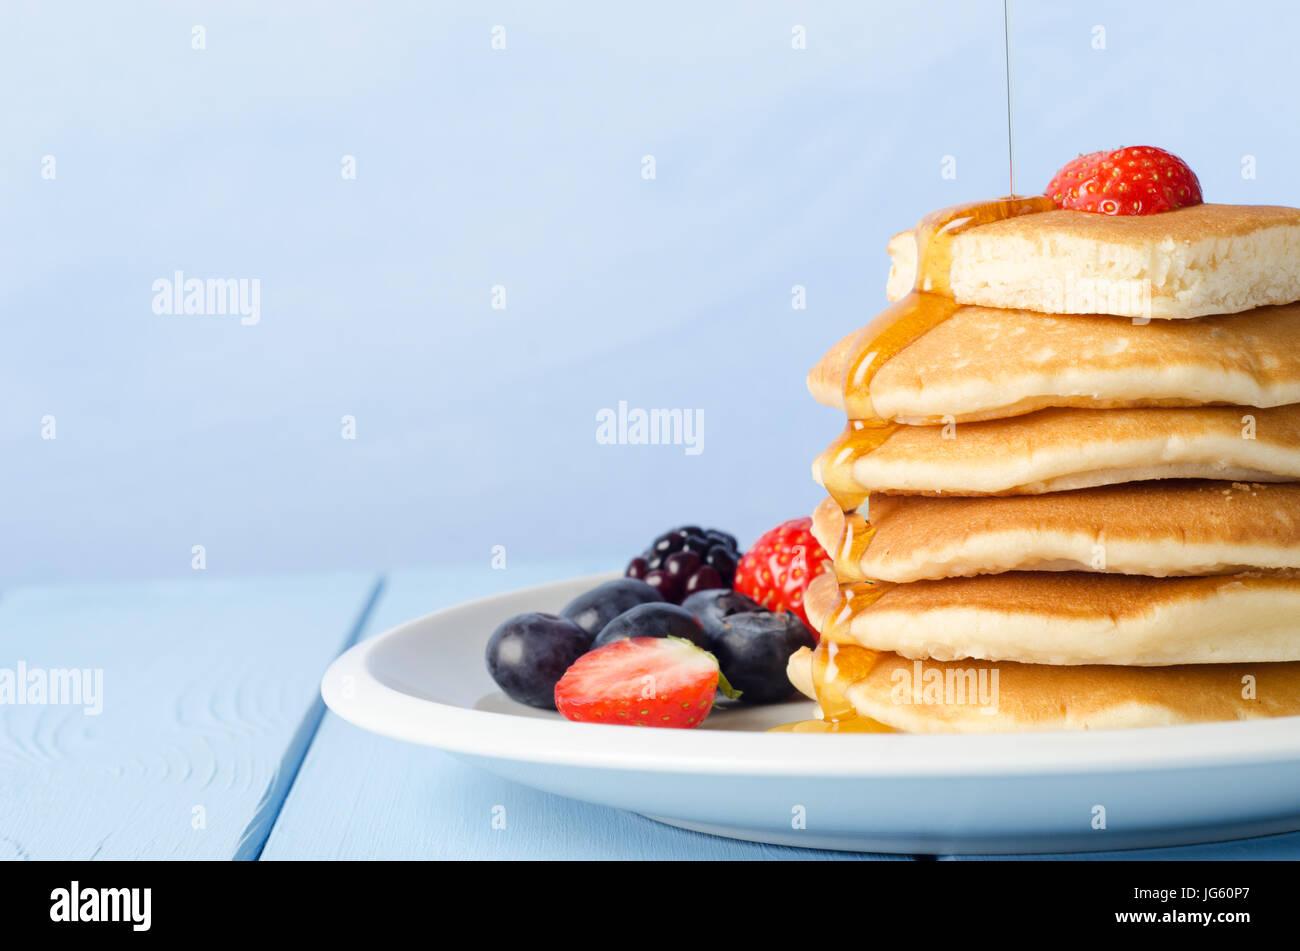 Une pile de crêpes Petit déjeuner garni d'une fraise, debout sur une plaque blanche chine, entouré Photo Stock